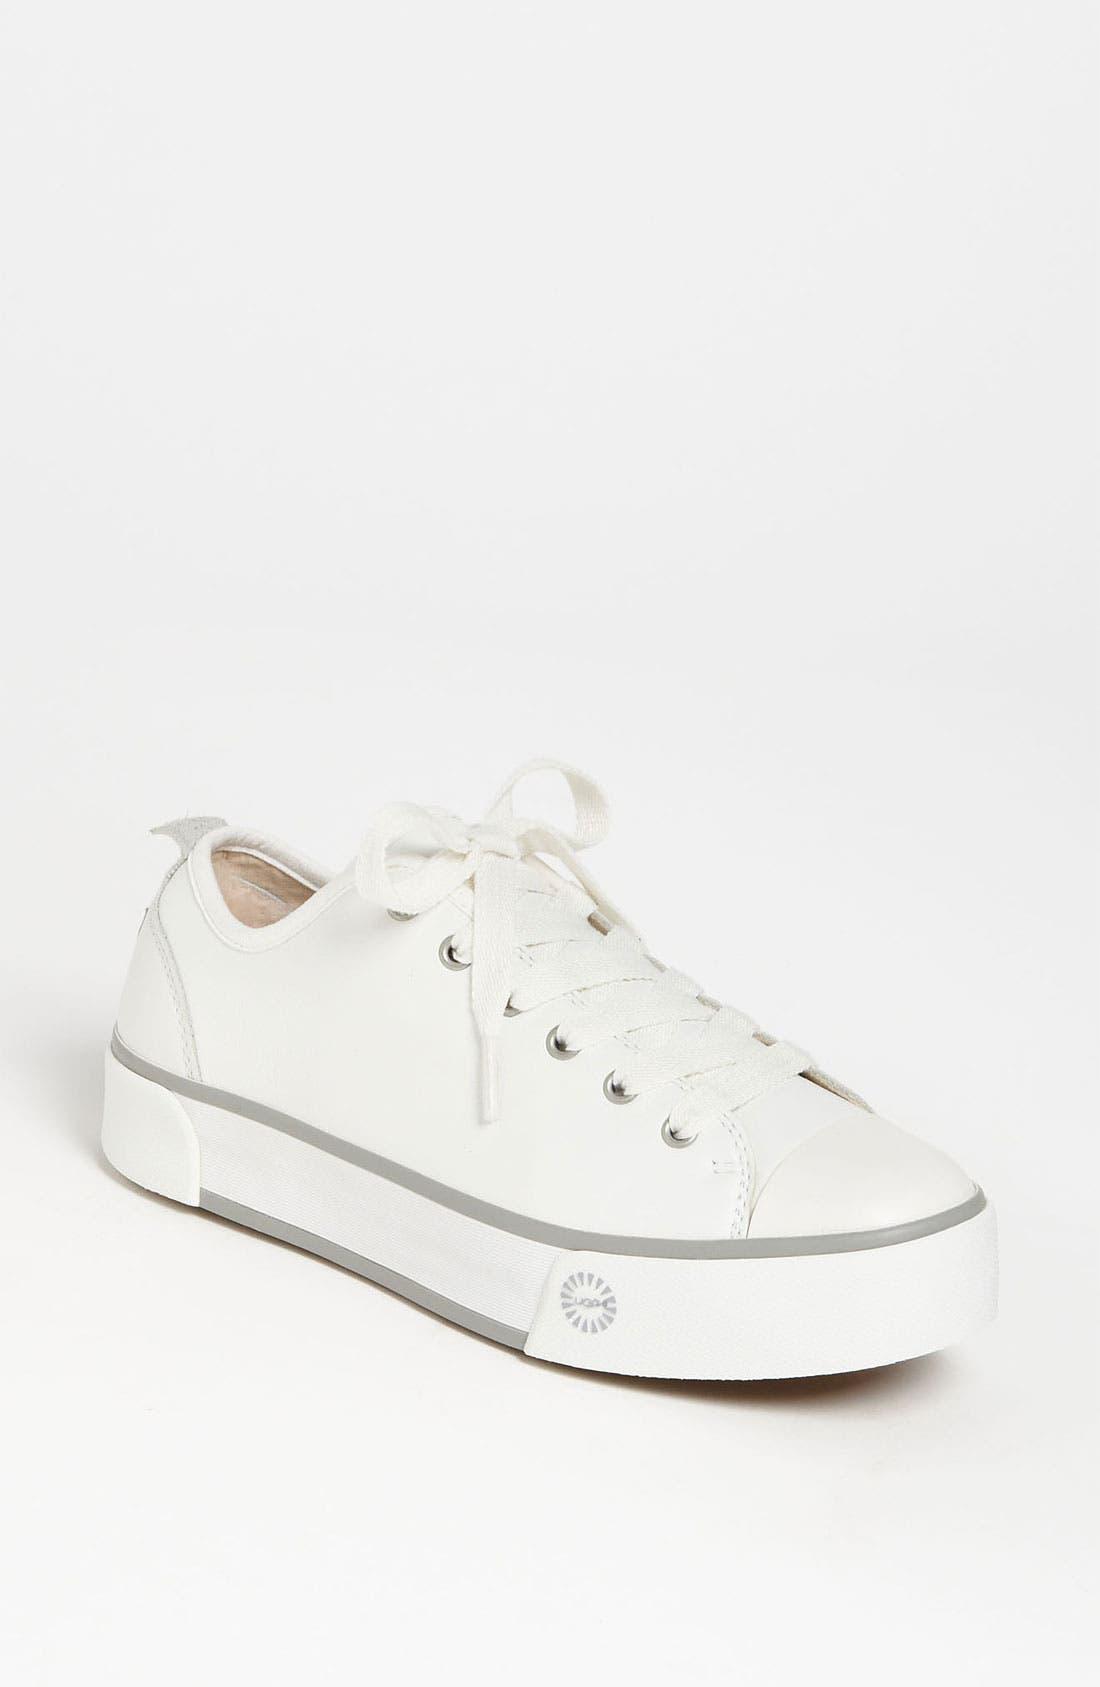 Alternate Image 1 Selected - UGG® Australia 'Jojo' Sneaker (Women)